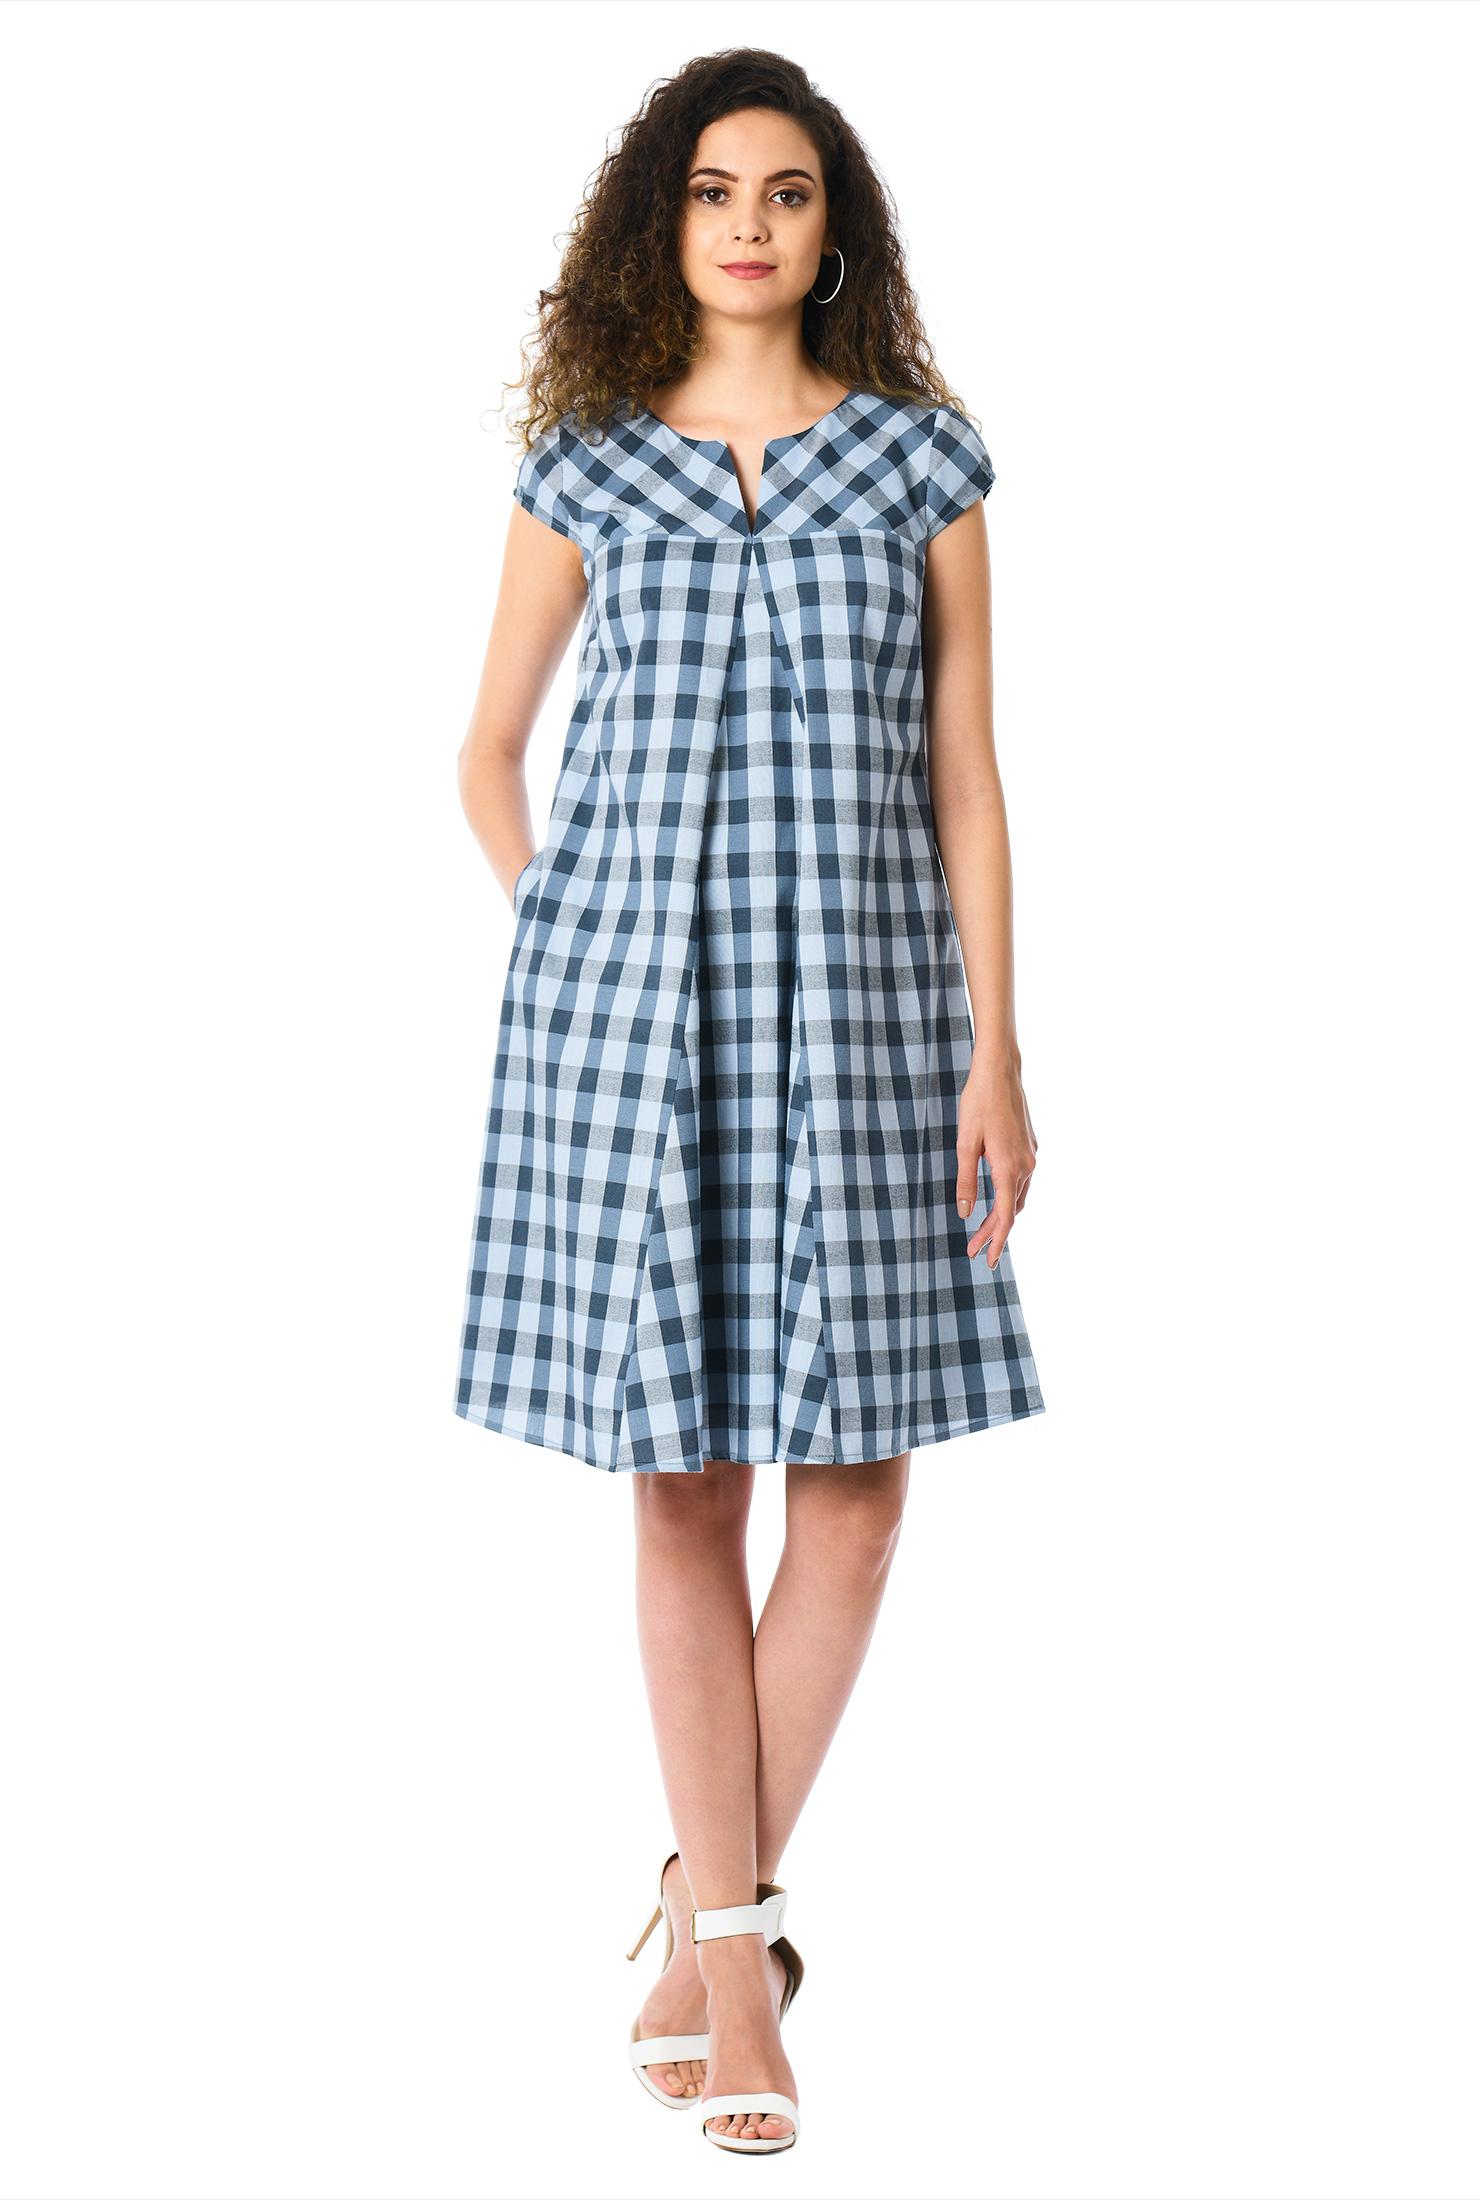 ddbd4f06dc Women s Fashion Clothing 0-36W and Custom